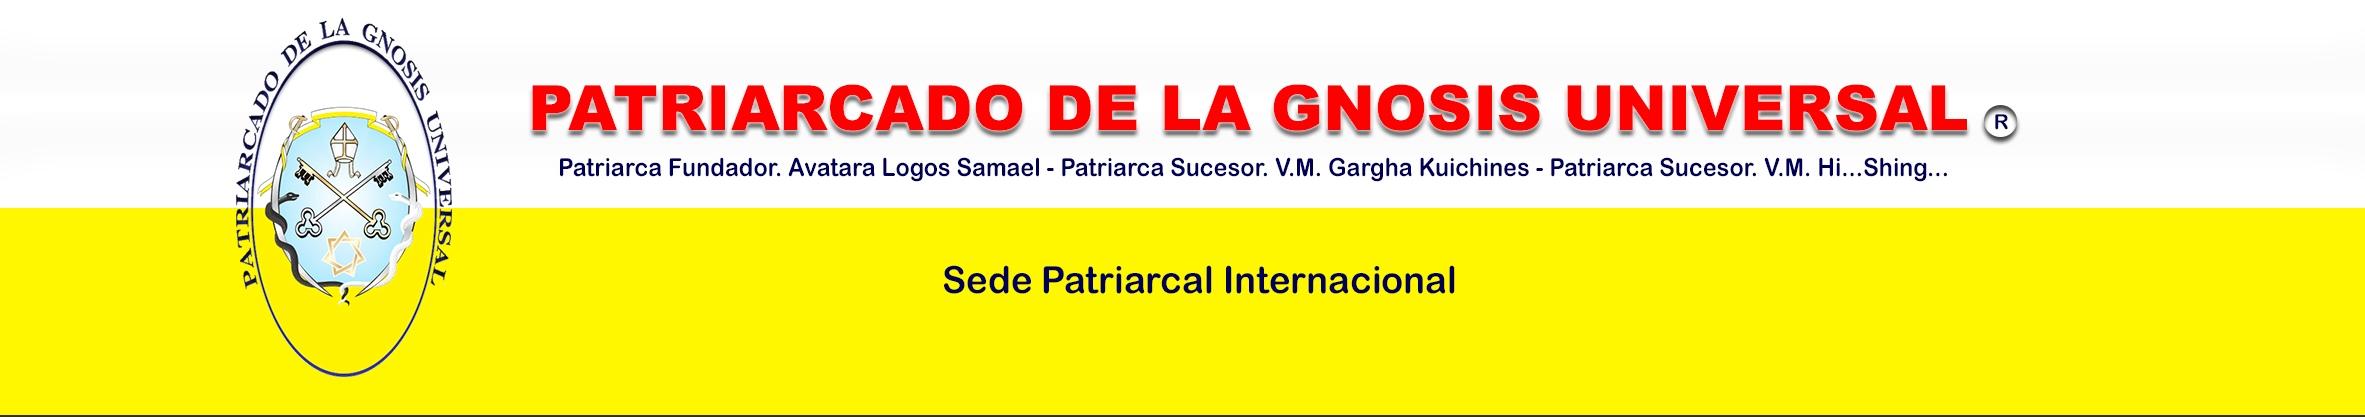 Patriarcado De La Gnosis Universal